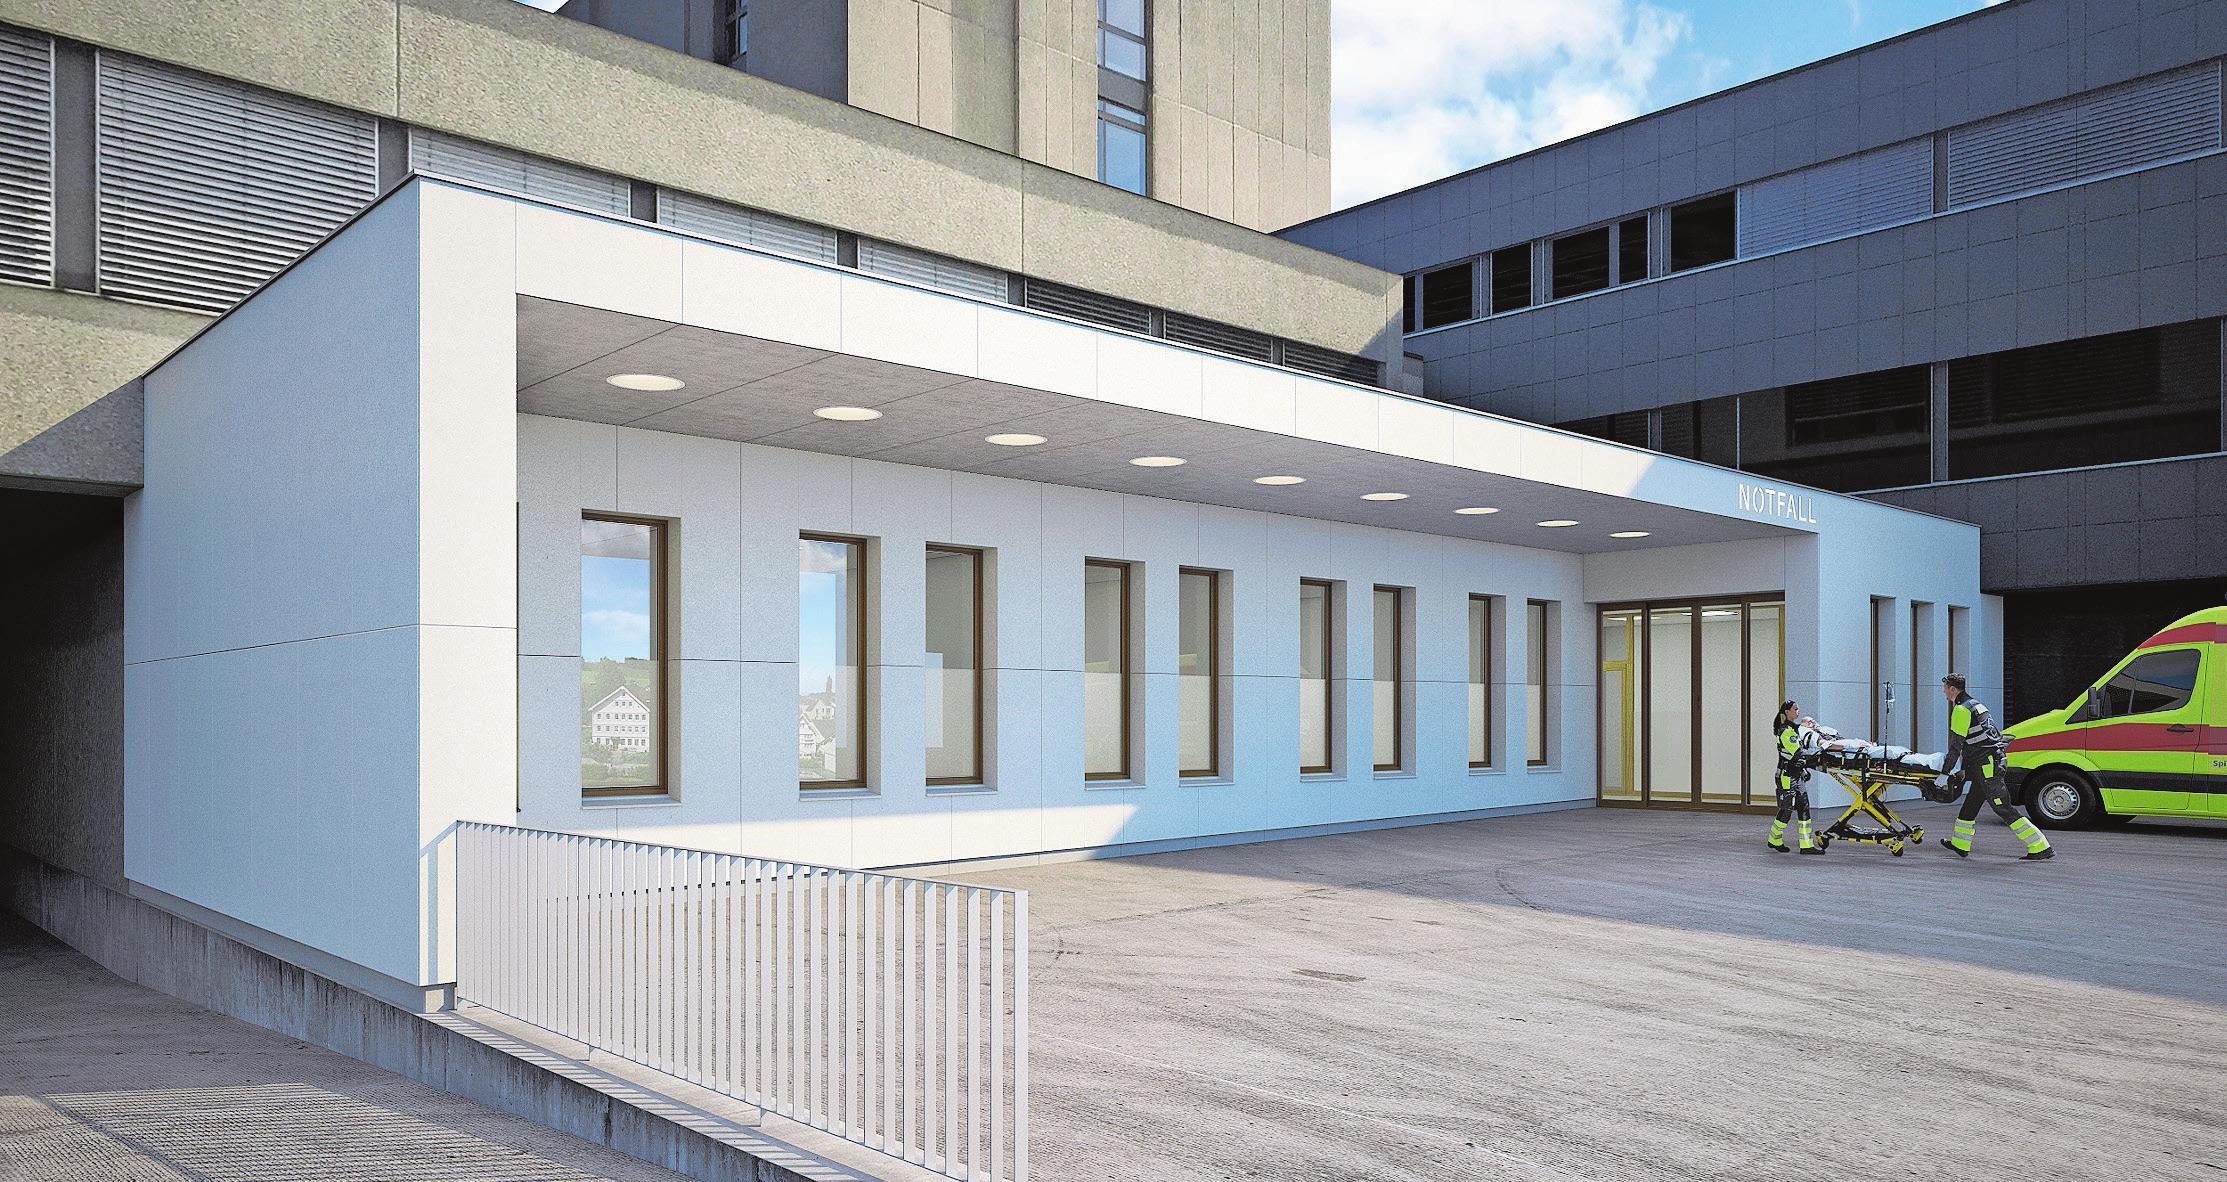 Die Zufahrt zum neuen Standort der Notfallstation ist über den Eingang West rund um die Uhr zugänglich. Bilder: PD